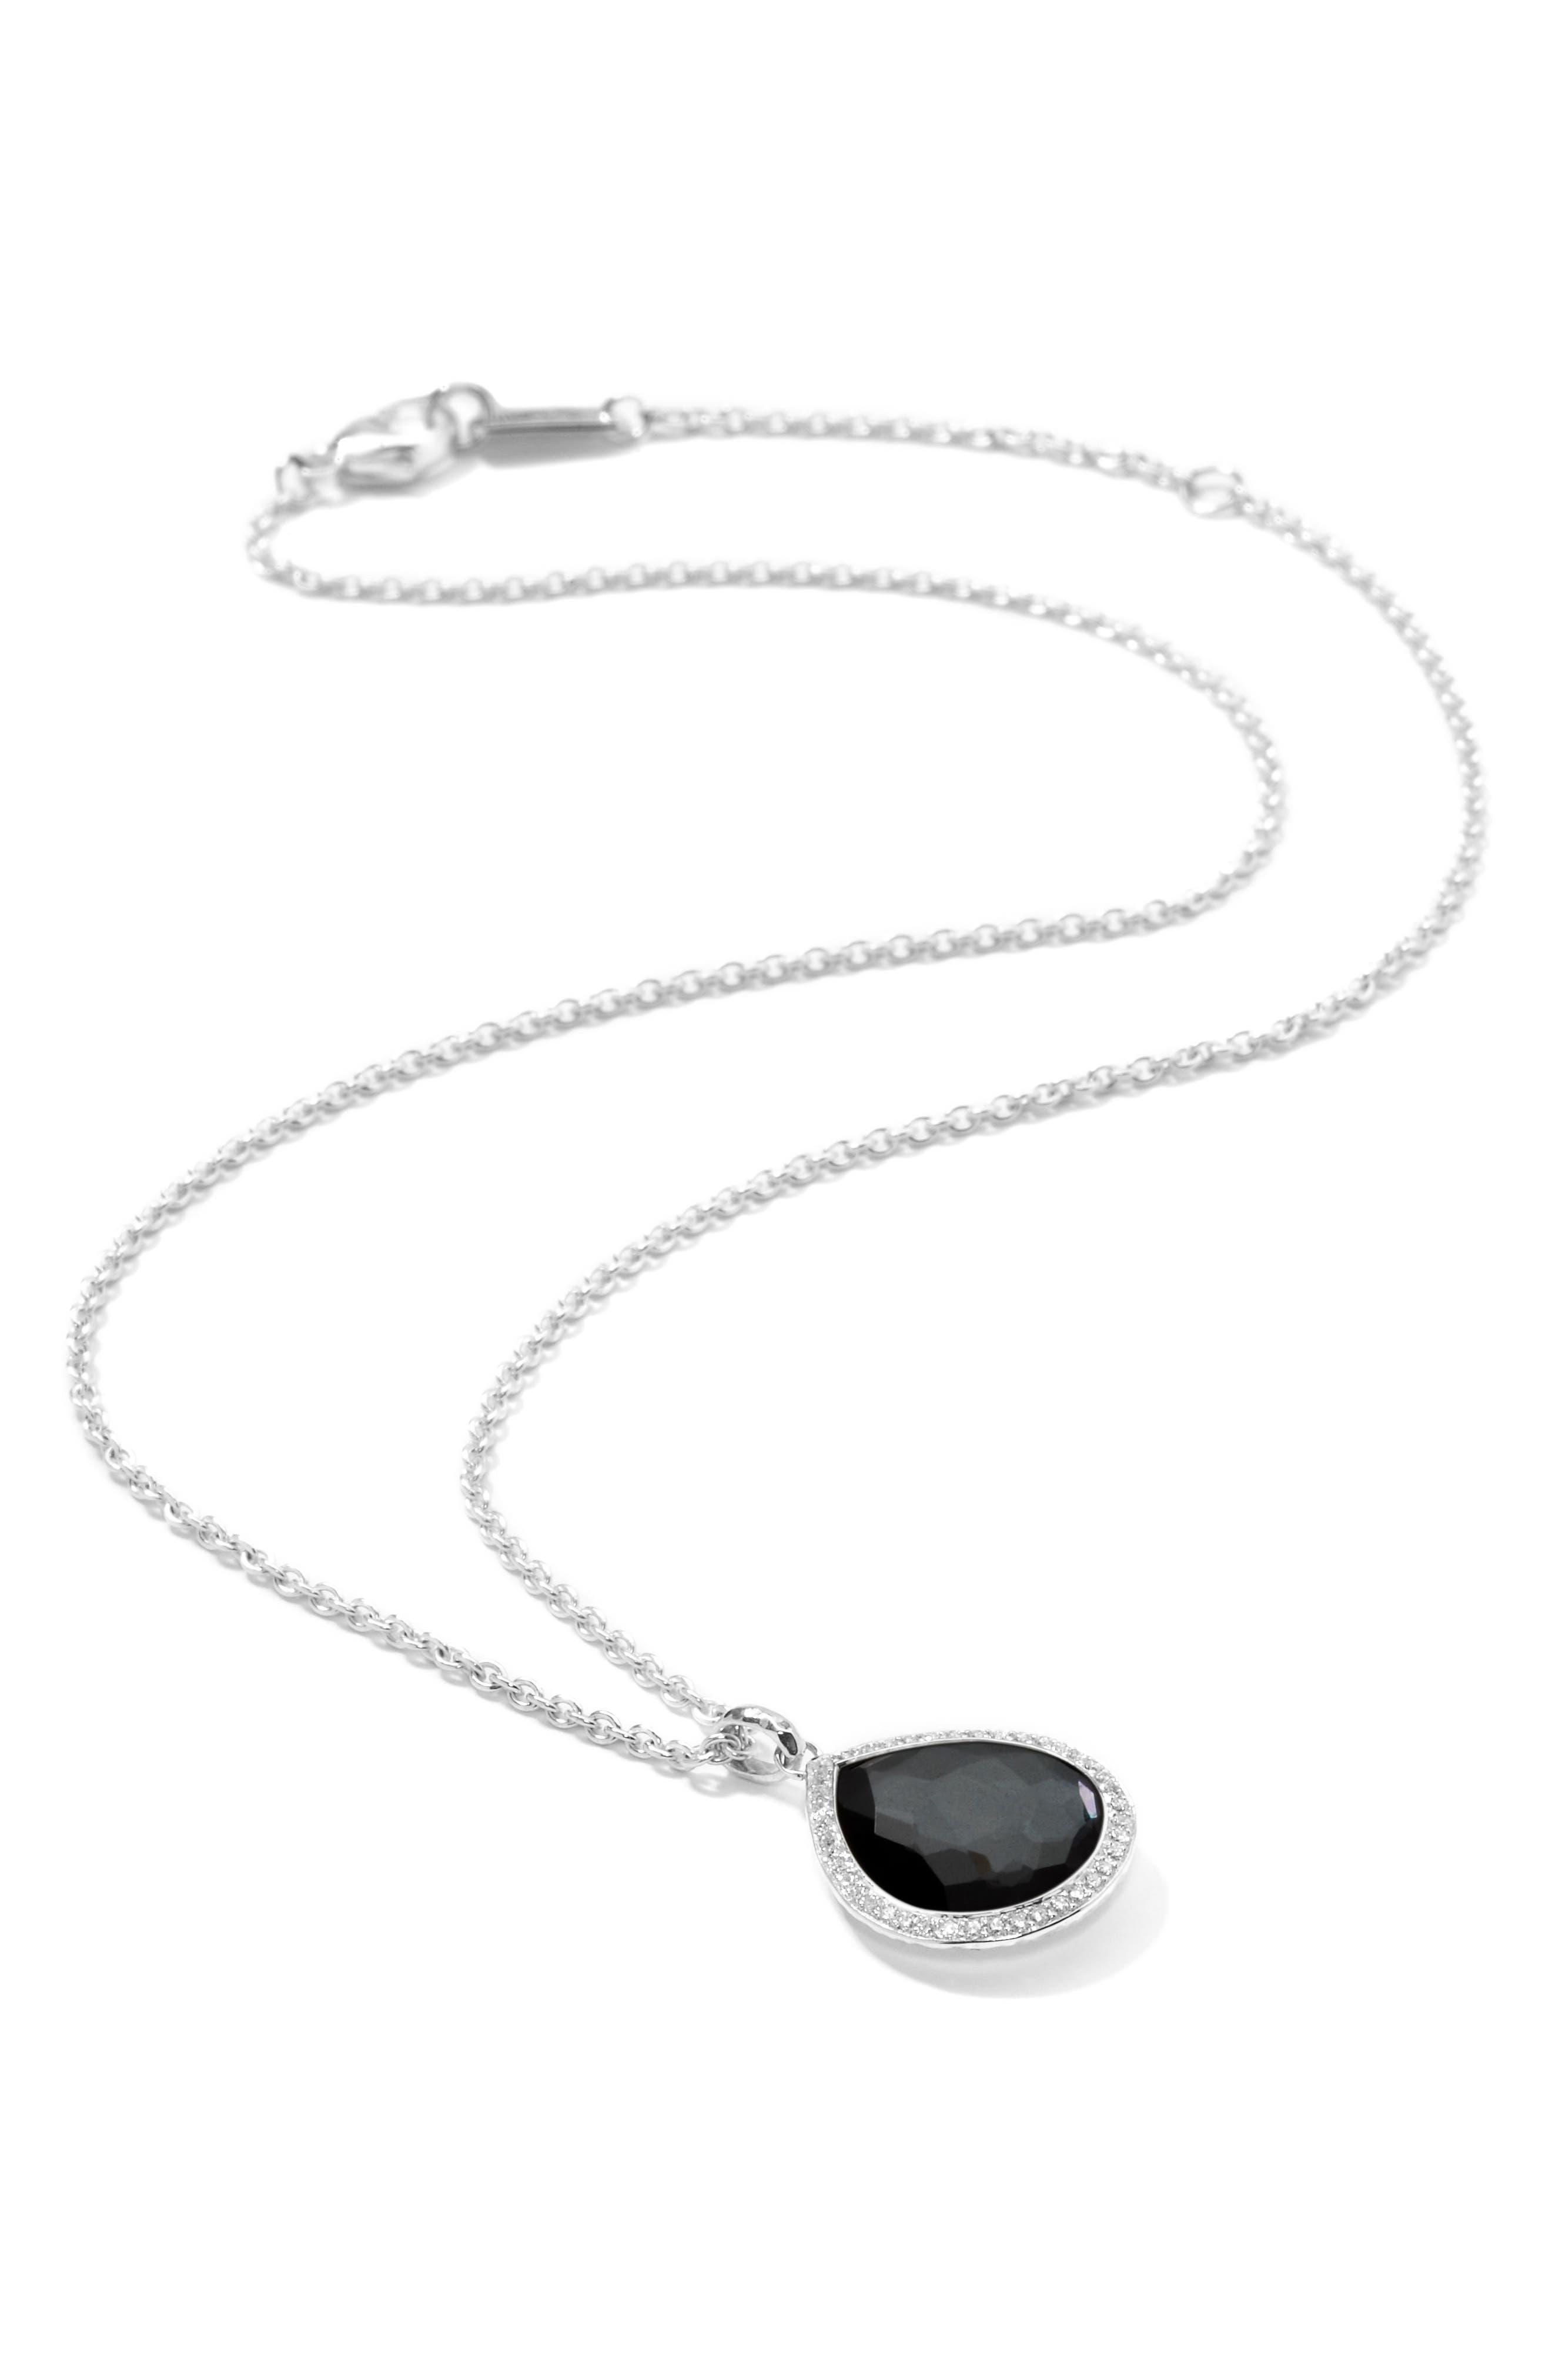 Lollipop Teardrop Pendant Necklace,                         Main,                         color, Hematite